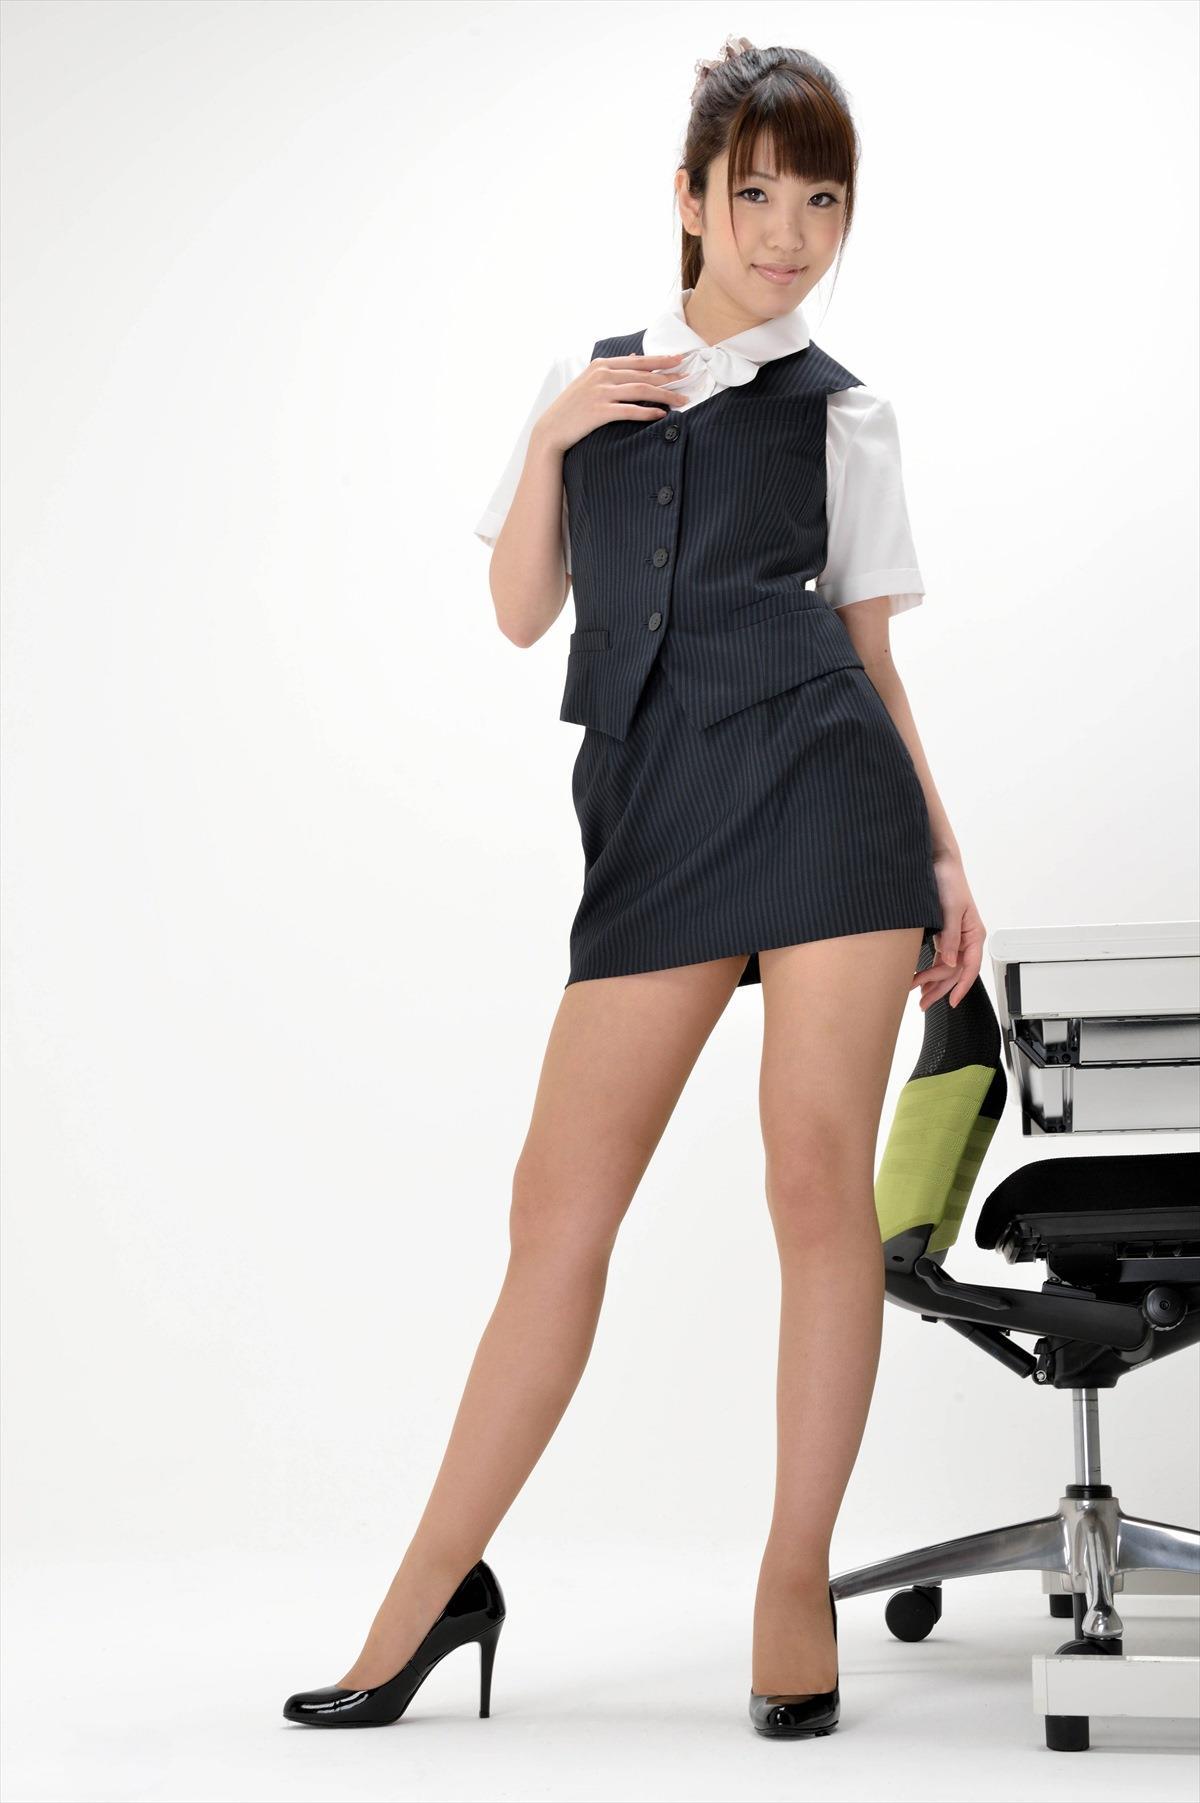 スカート短いOLさん4